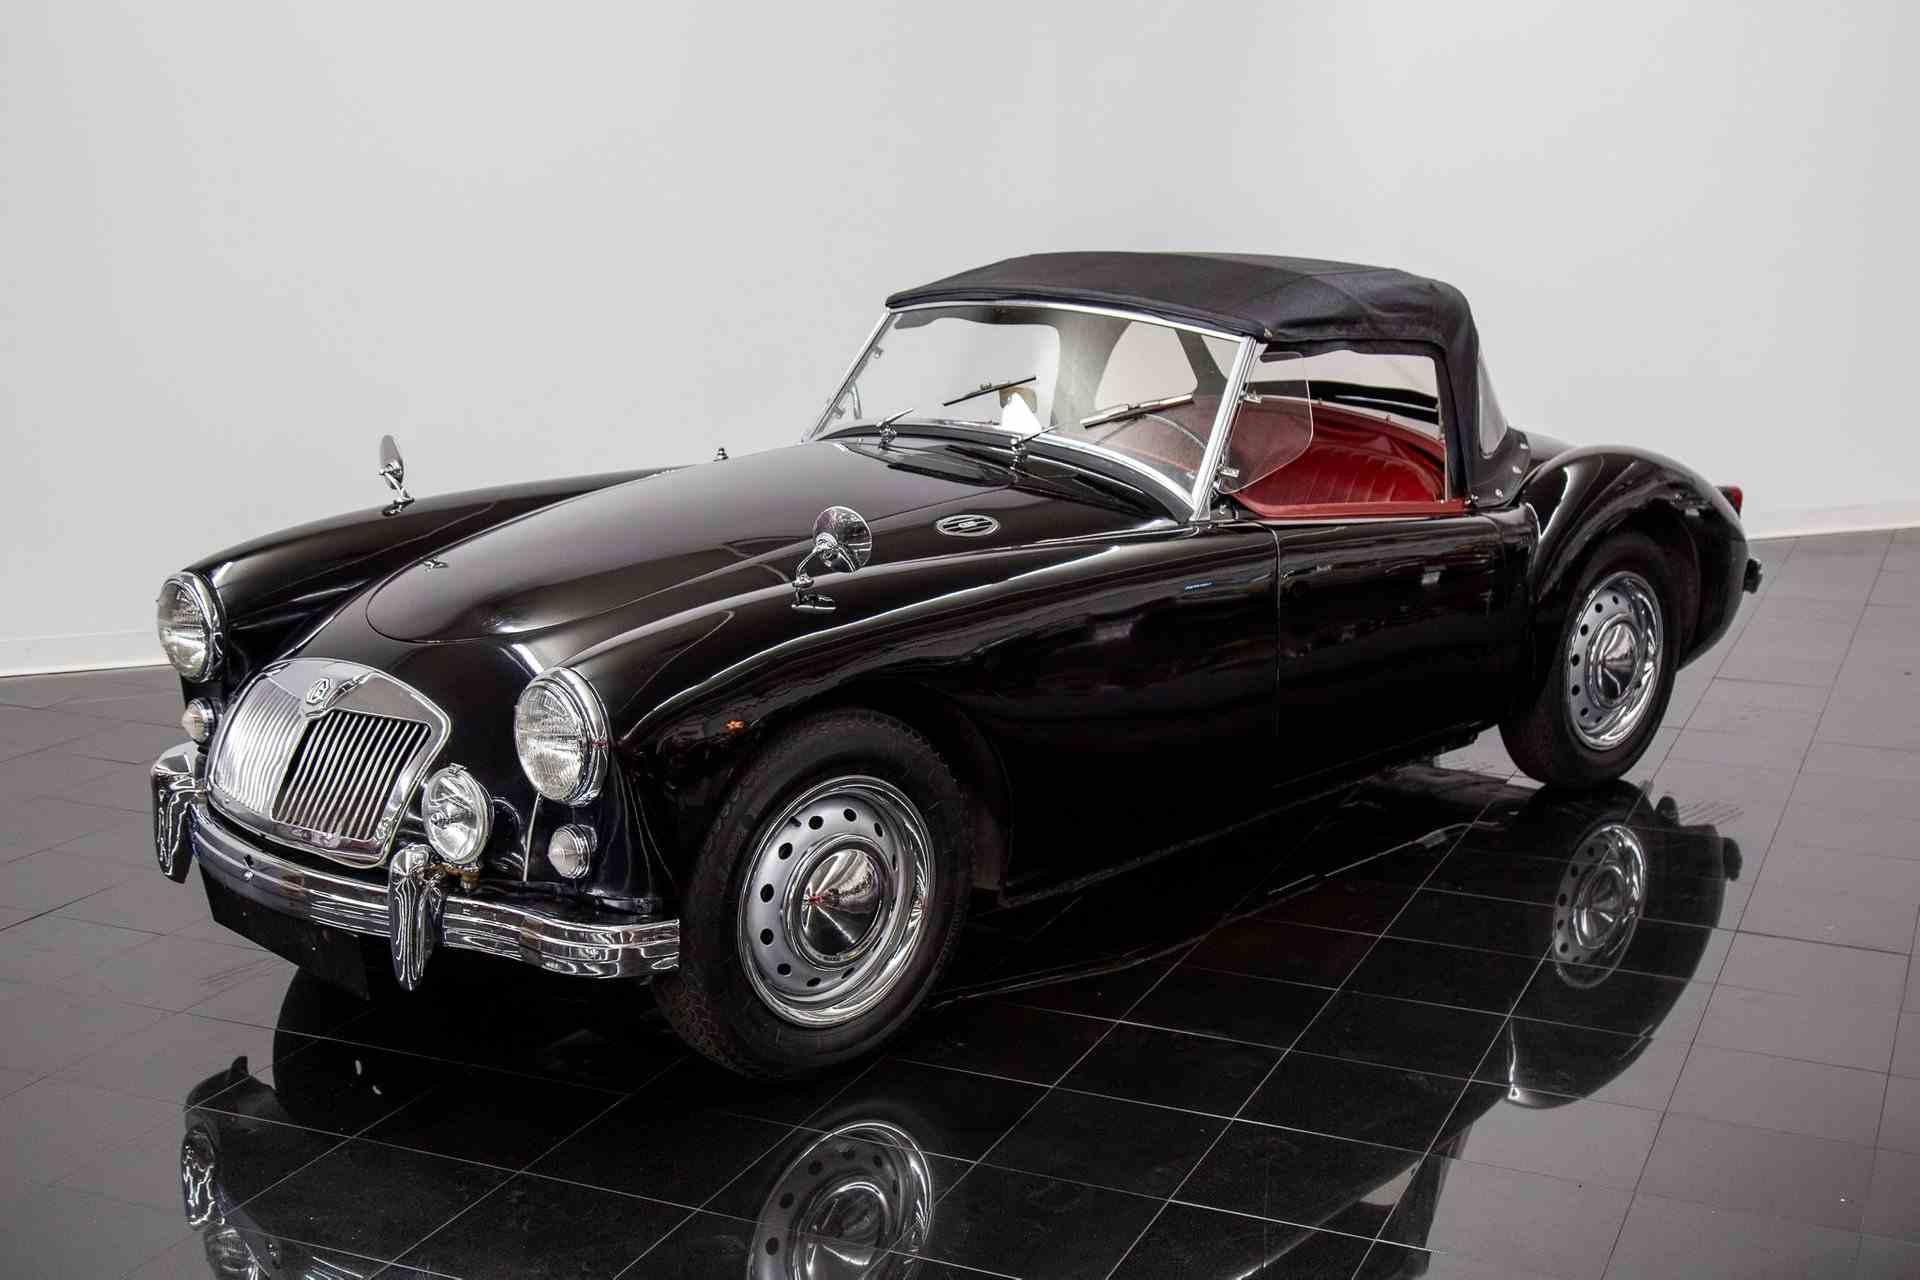 1958 MG MGA sold at the St. Louis Car Museum